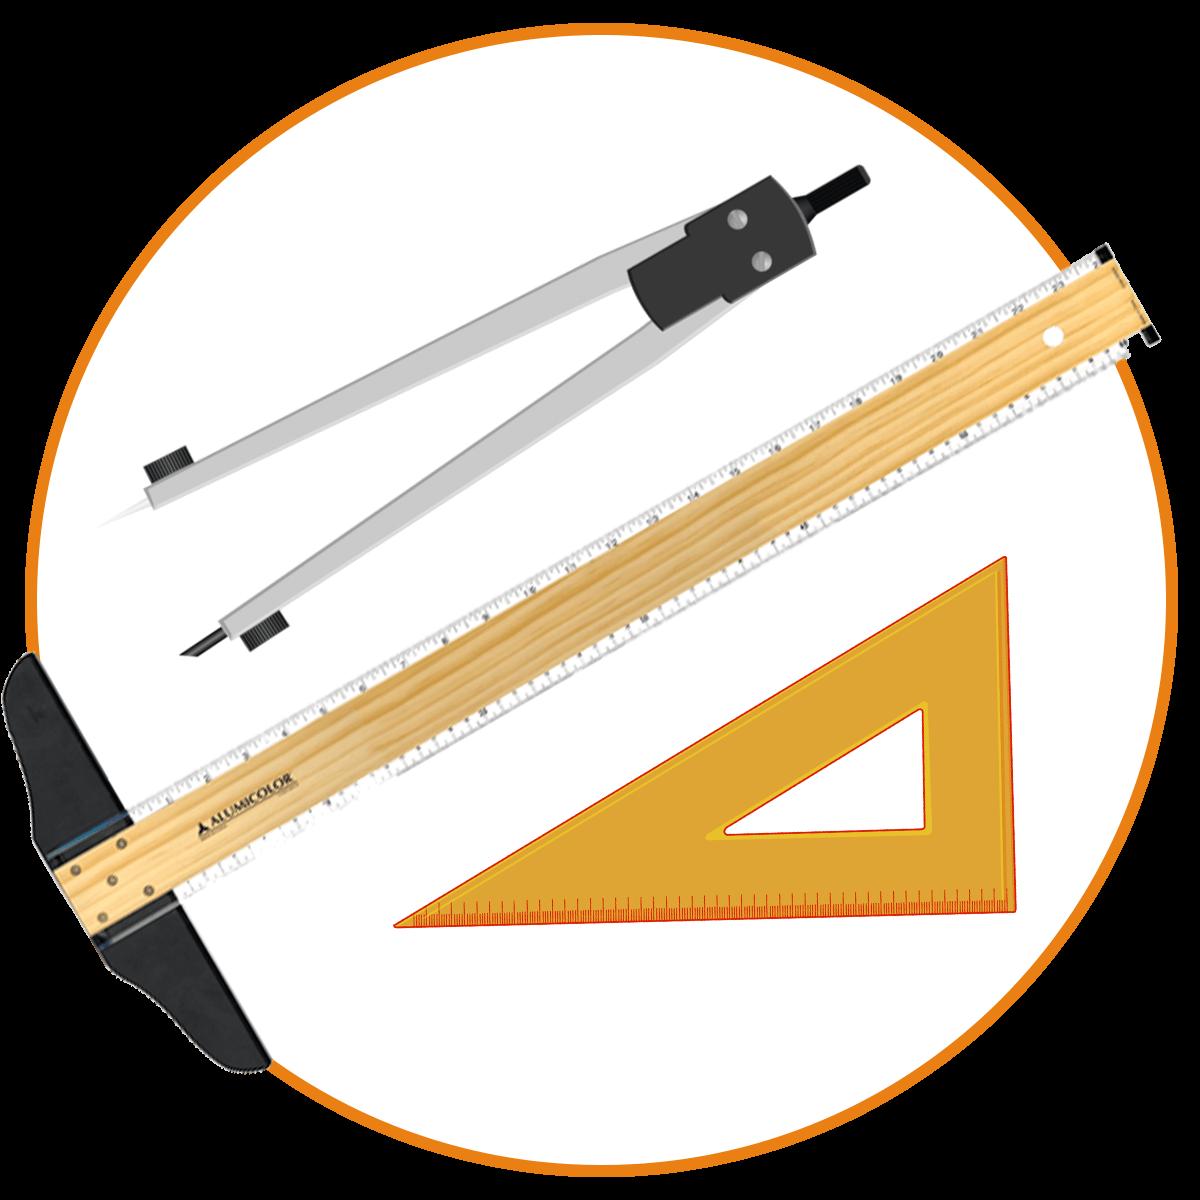 Herramientas - ParalellasT cuadradas de Madera, Metal y PlásticoDrafting Kit SetsCompasesCartabónesTransportadoresSets de Curvas FrancesasCurvas FlexiblesPlantilla de borrar